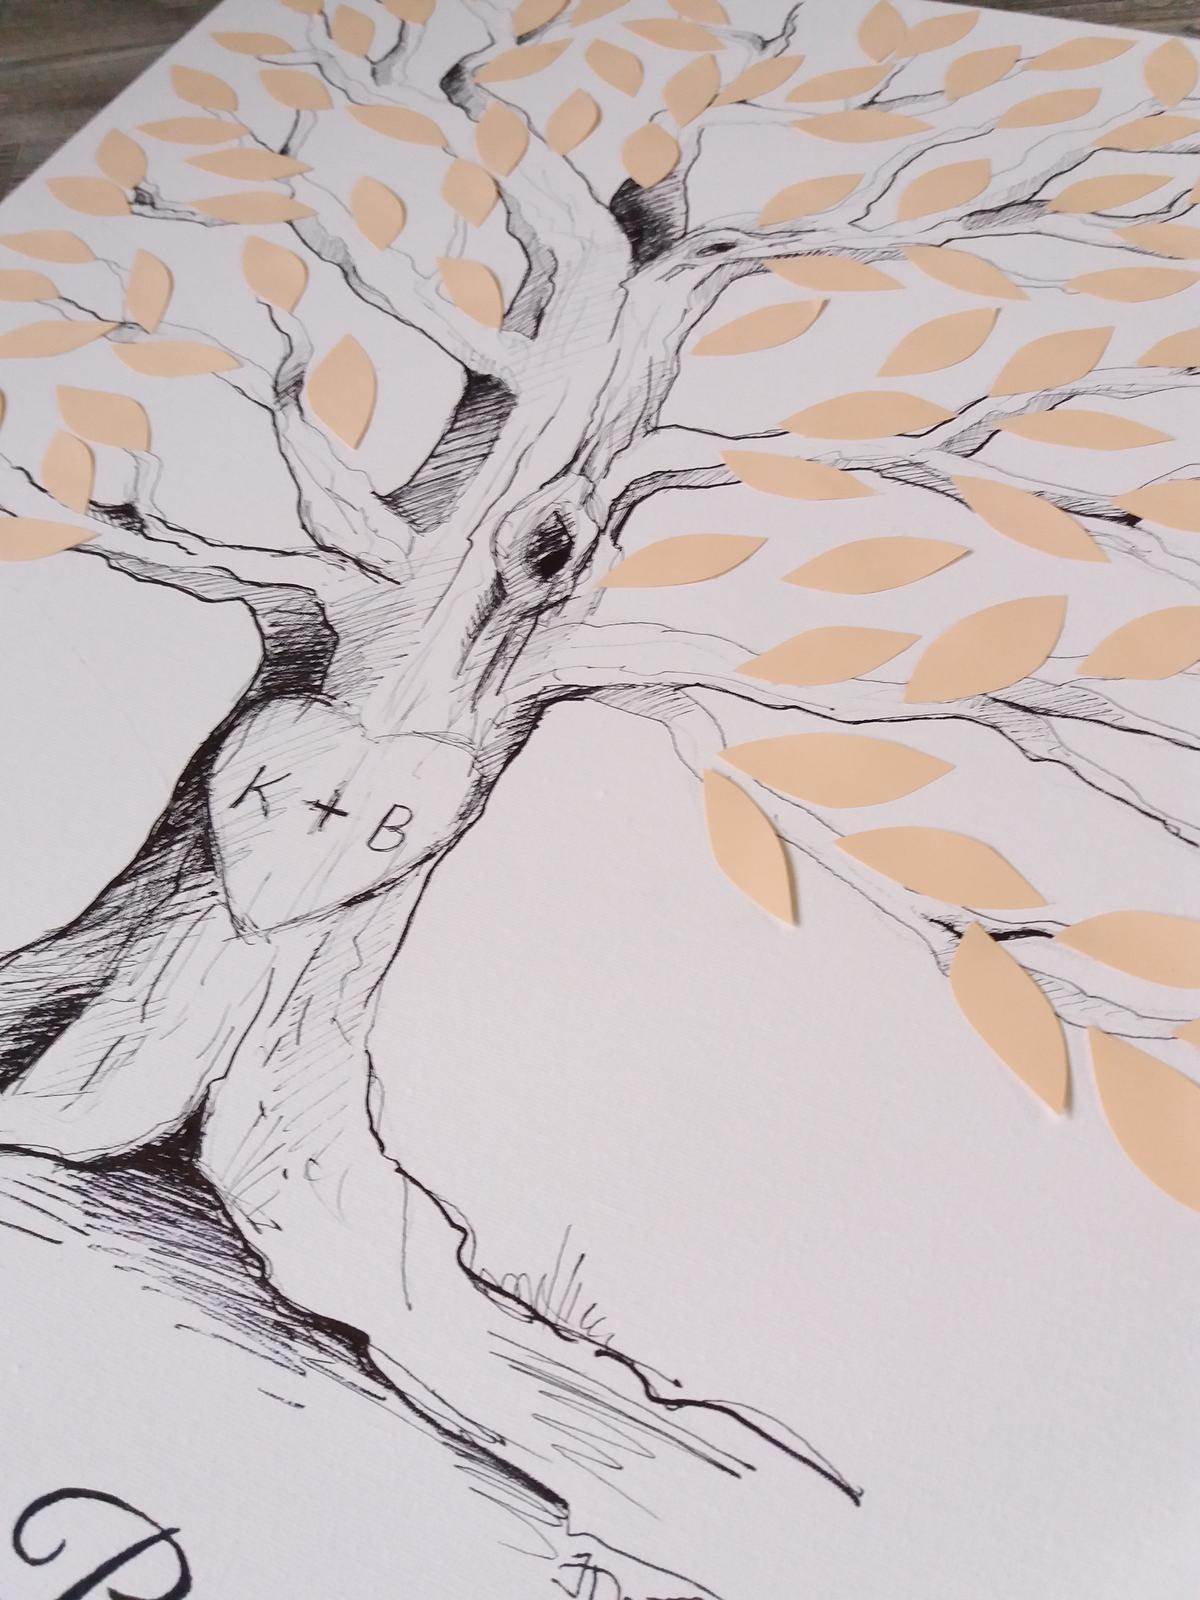 Svatební strom - Zakázka pro nevěstu 600kč 50x 70kč plátno